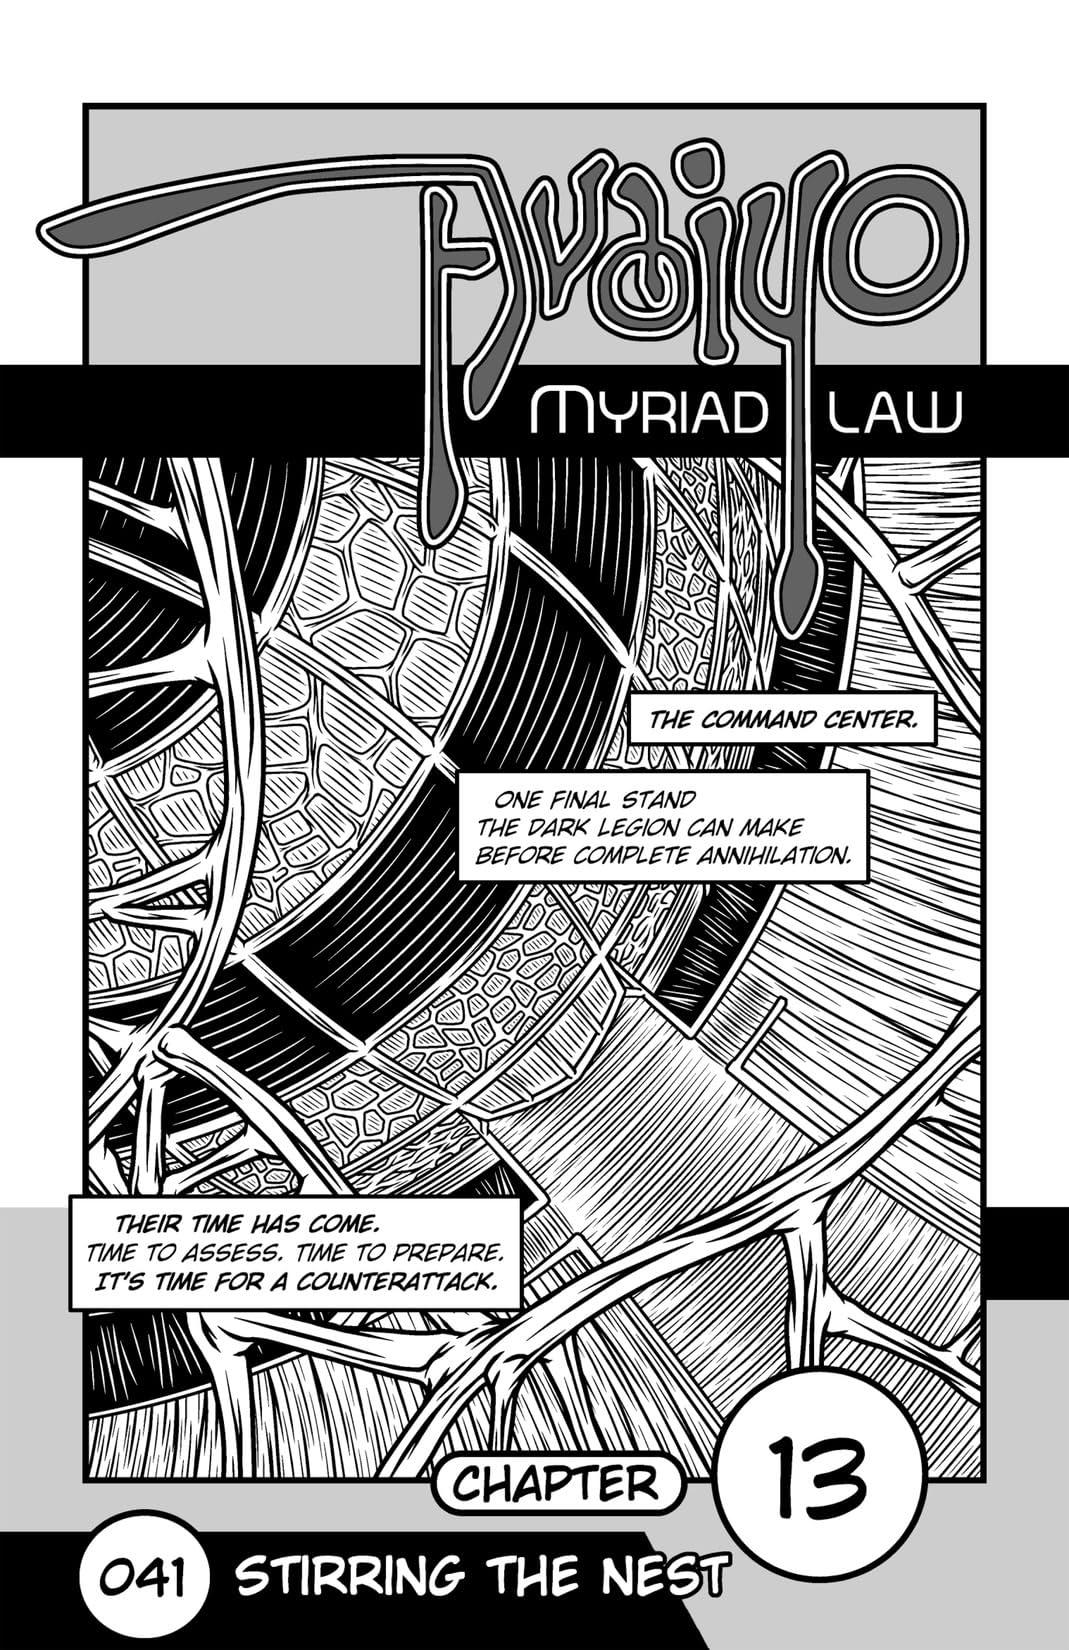 Avaiyo: Myriad Law #041